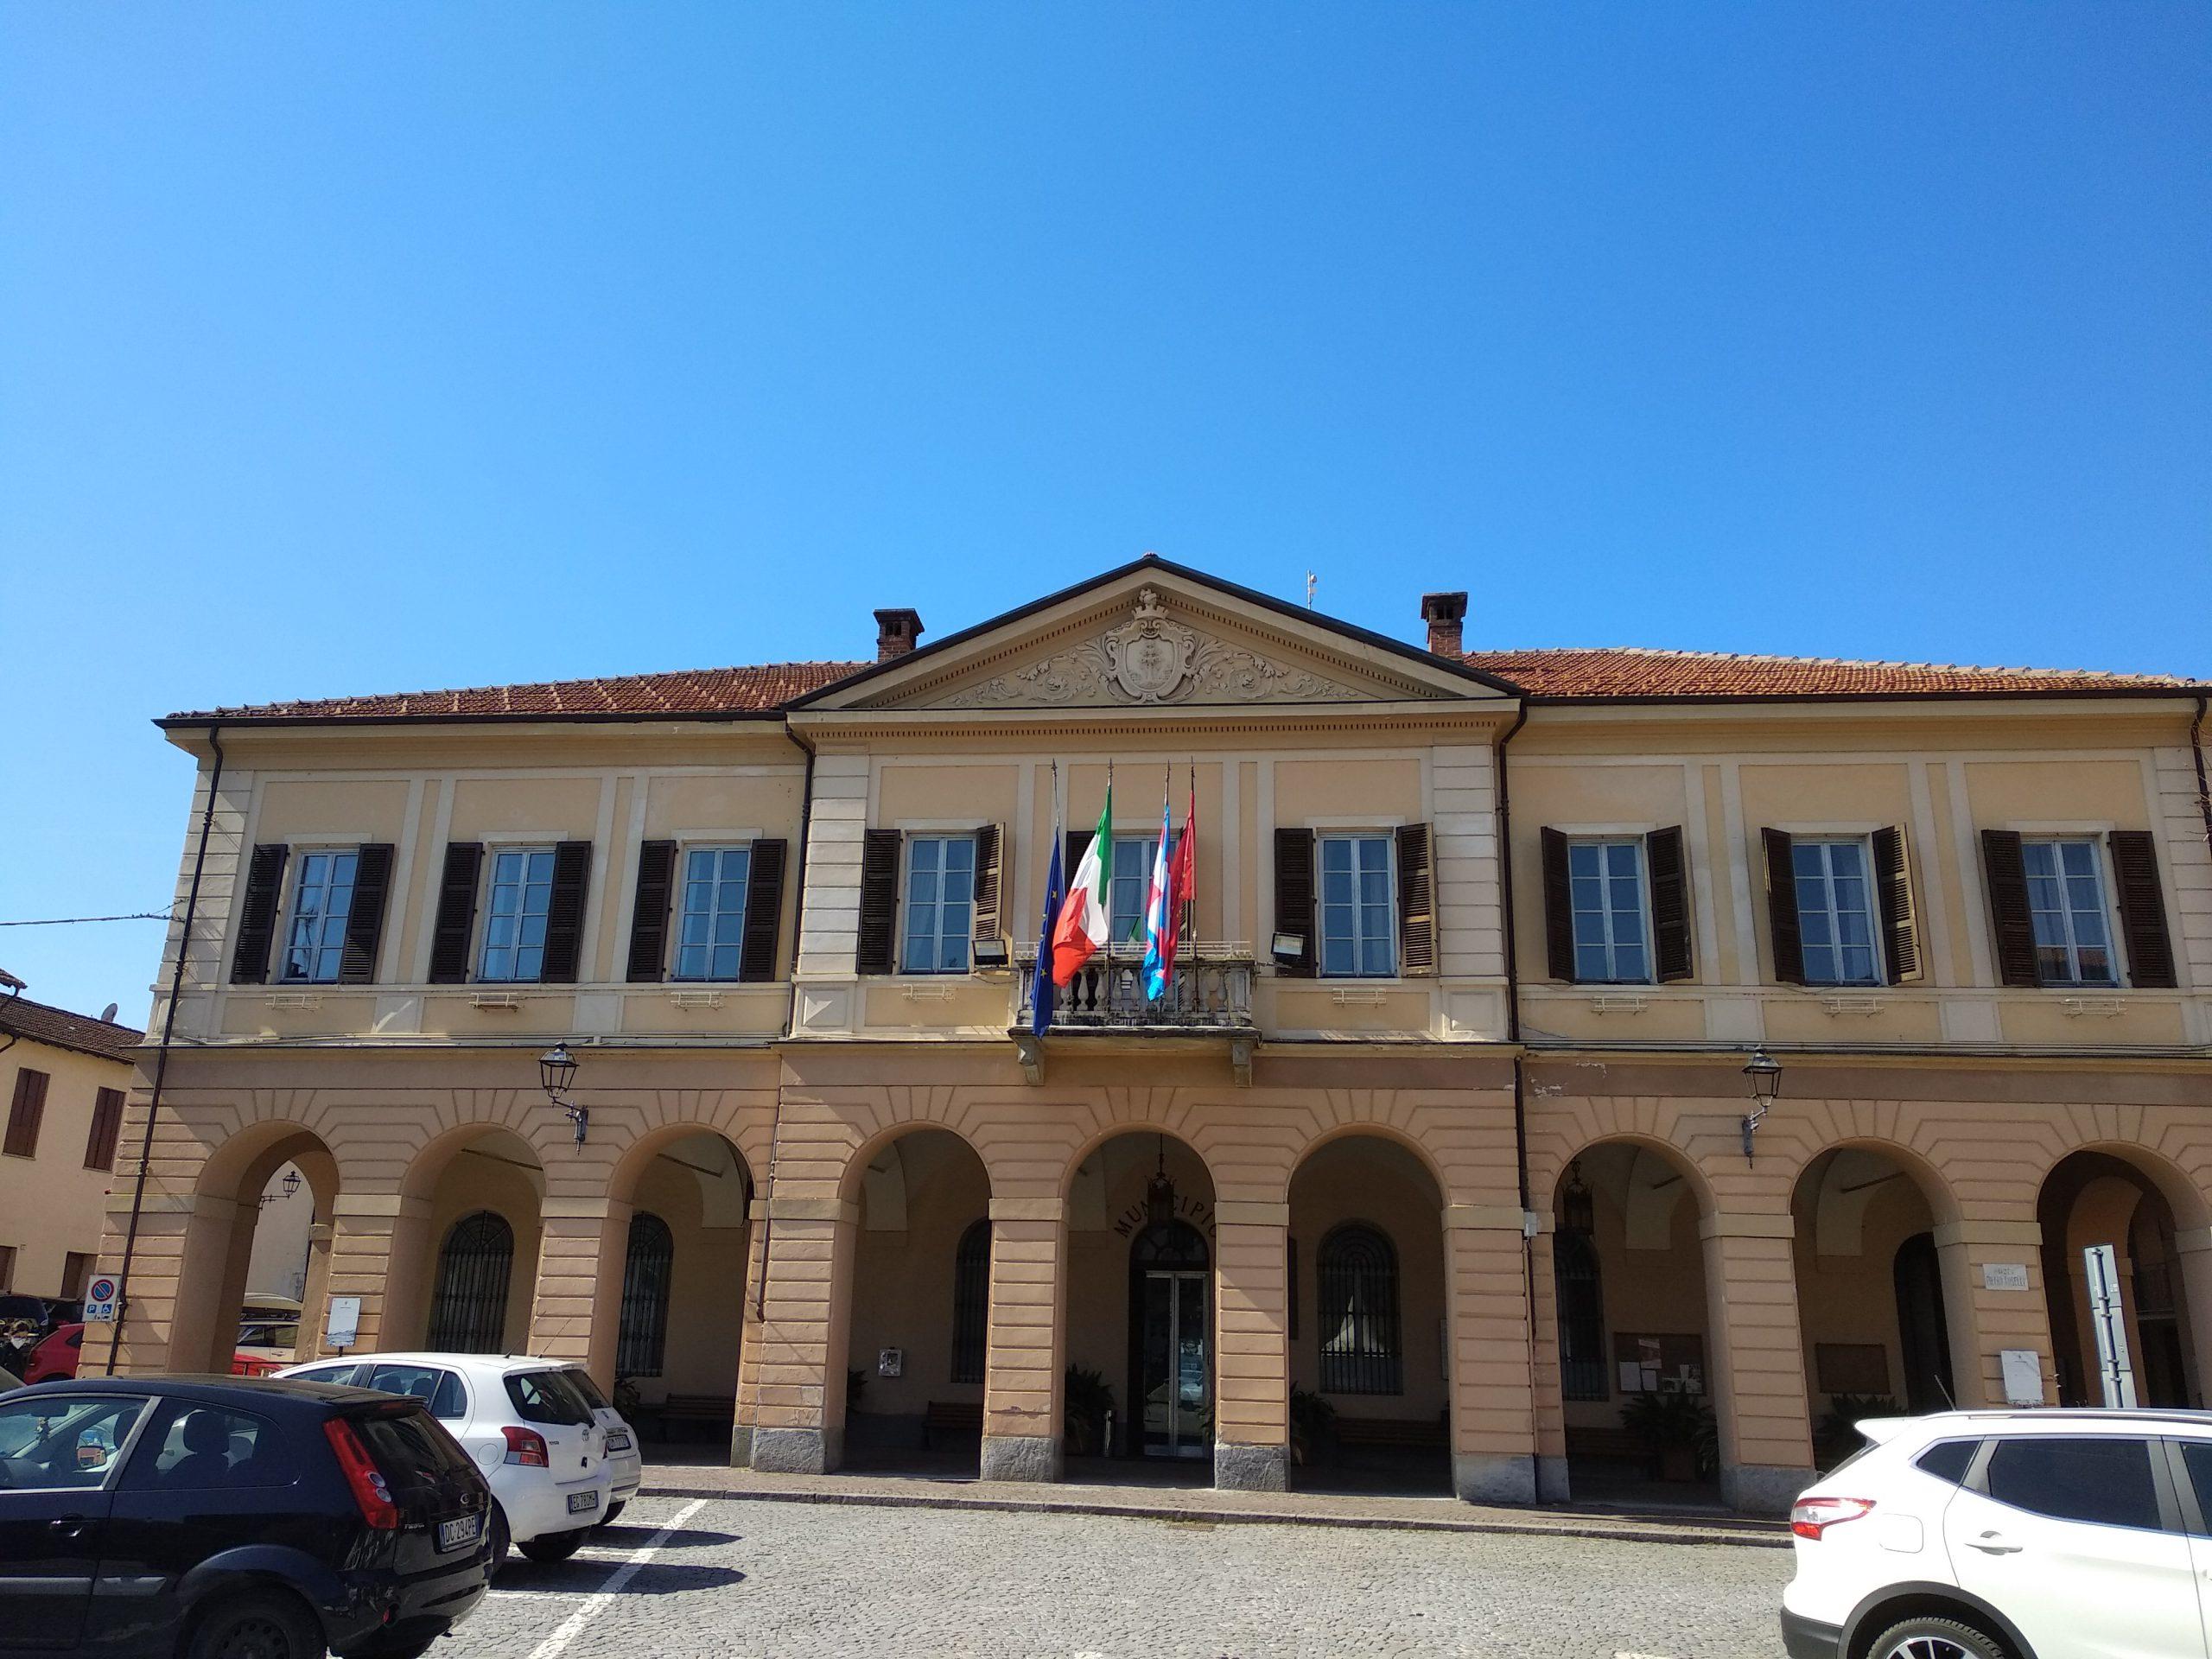 La facciata del municipio di Peveragno